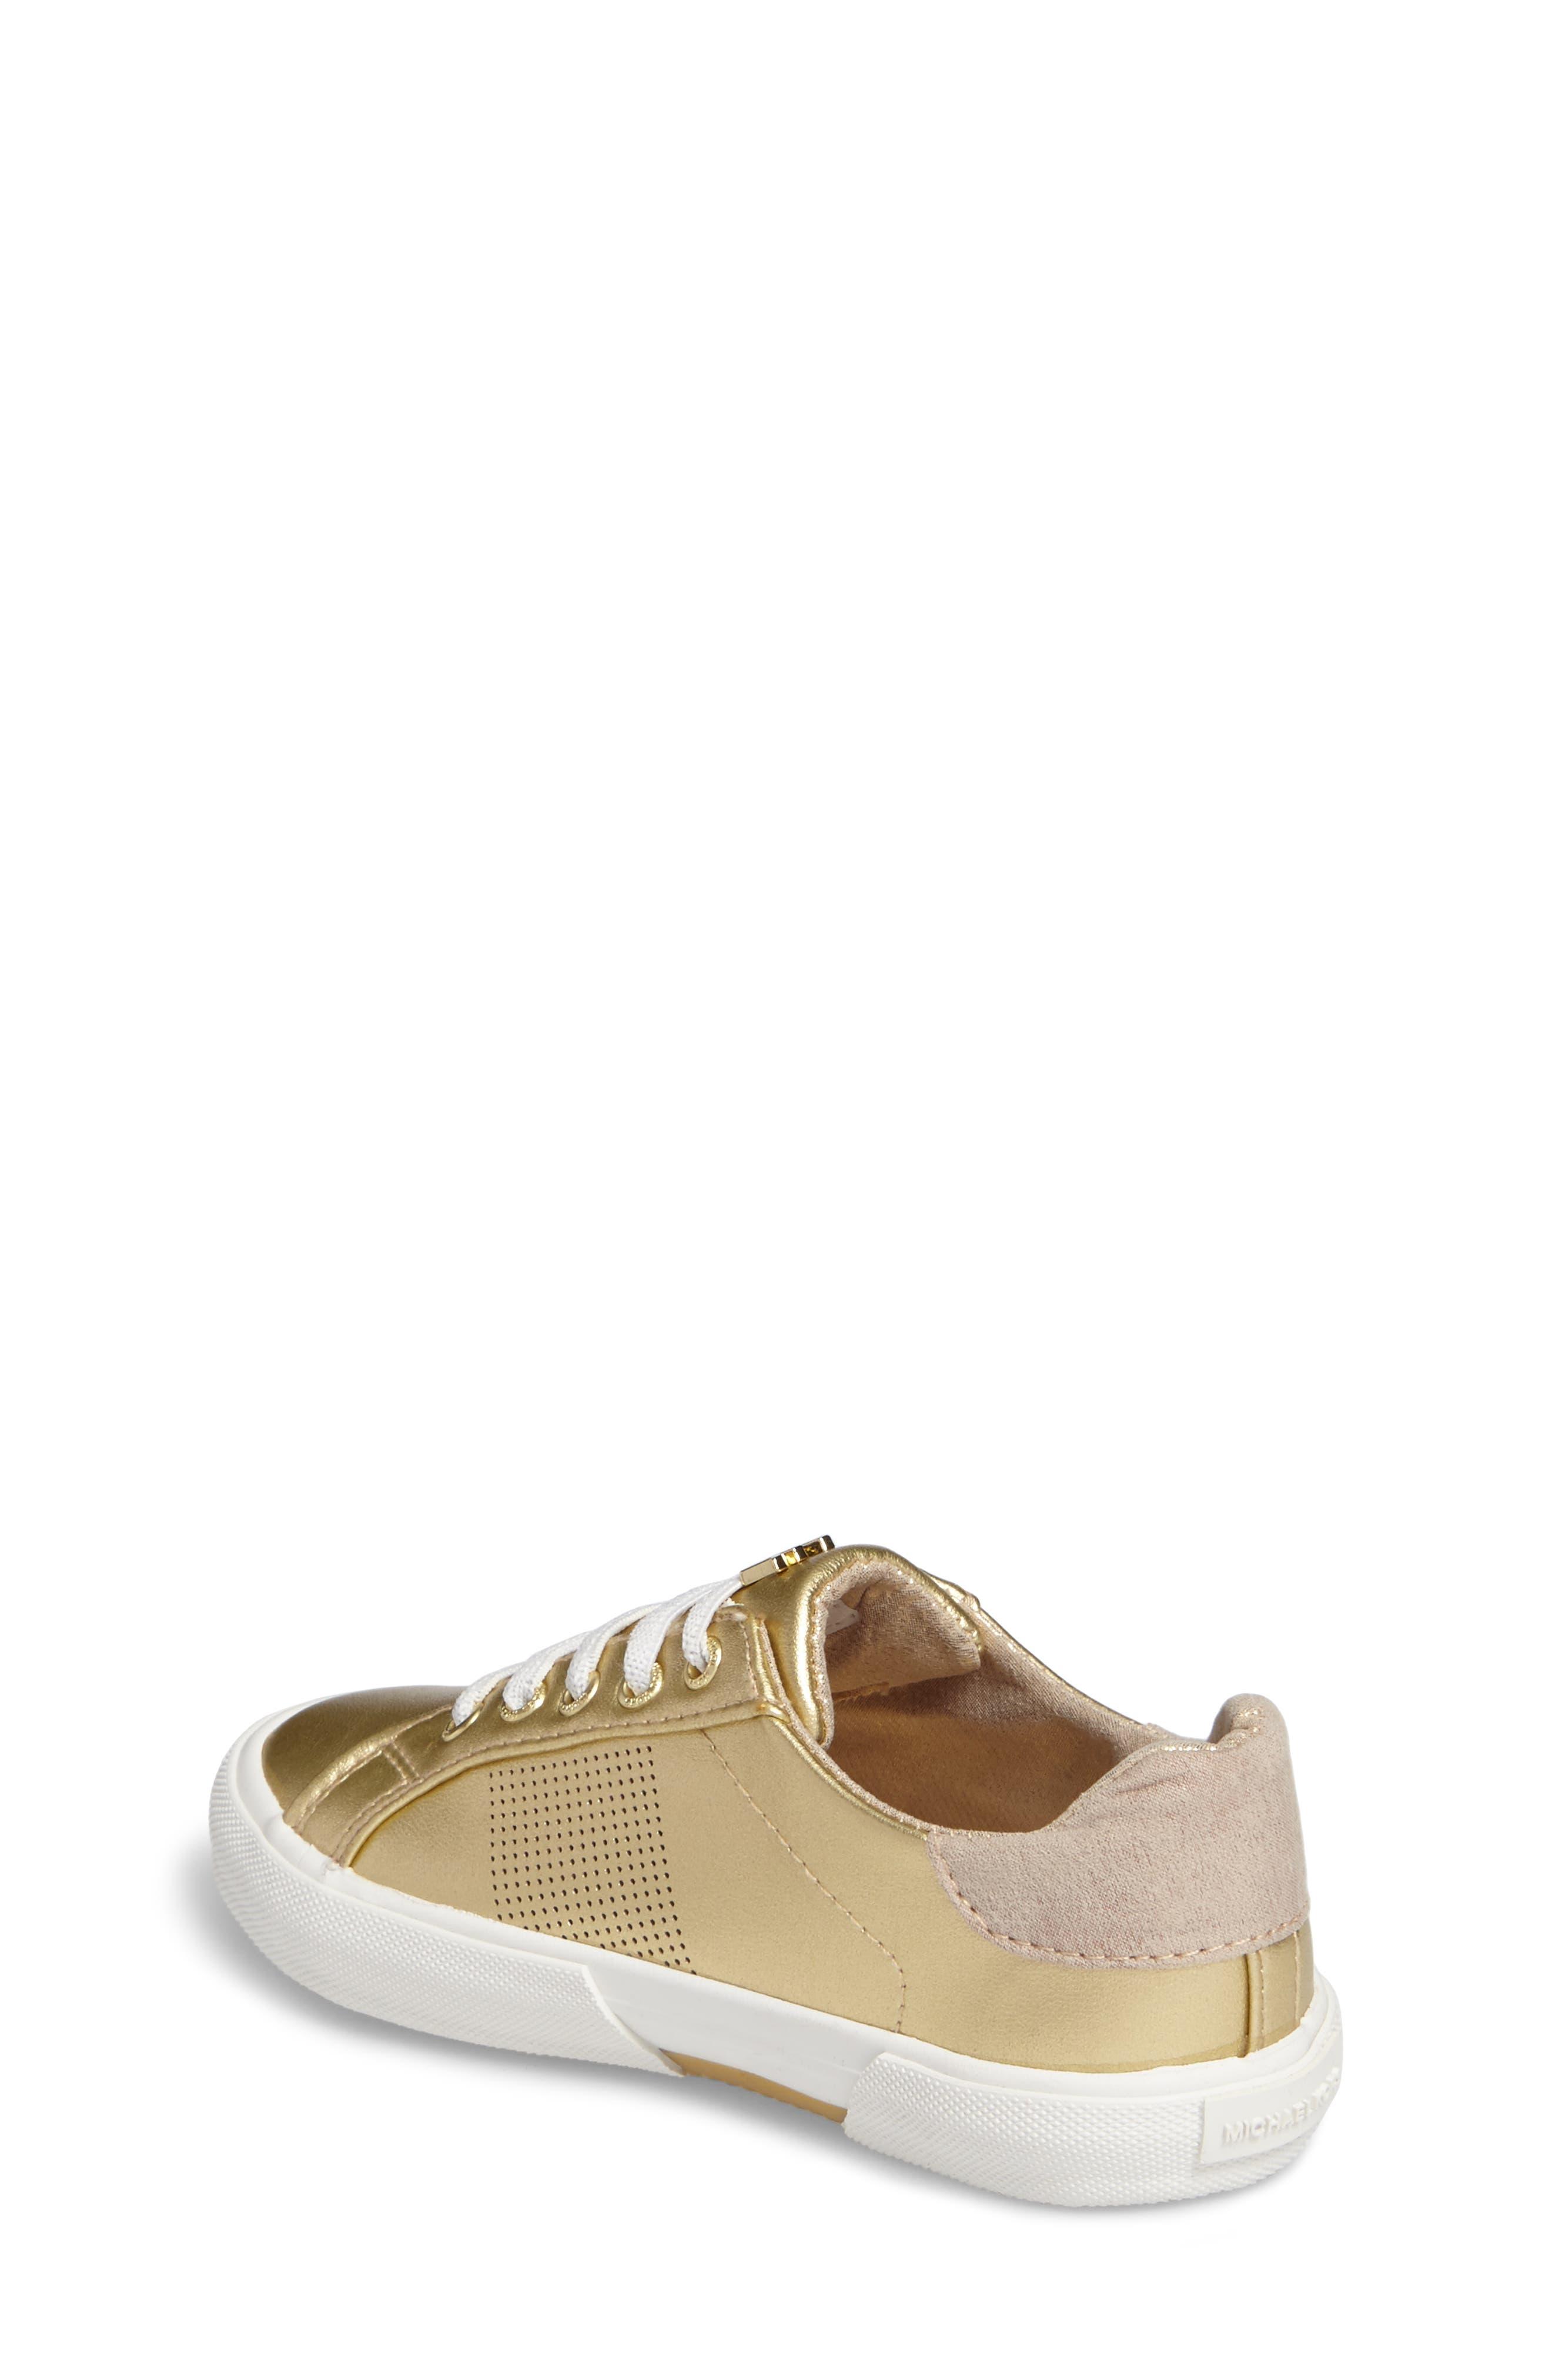 Ima Court Sneaker,                             Alternate thumbnail 6, color,